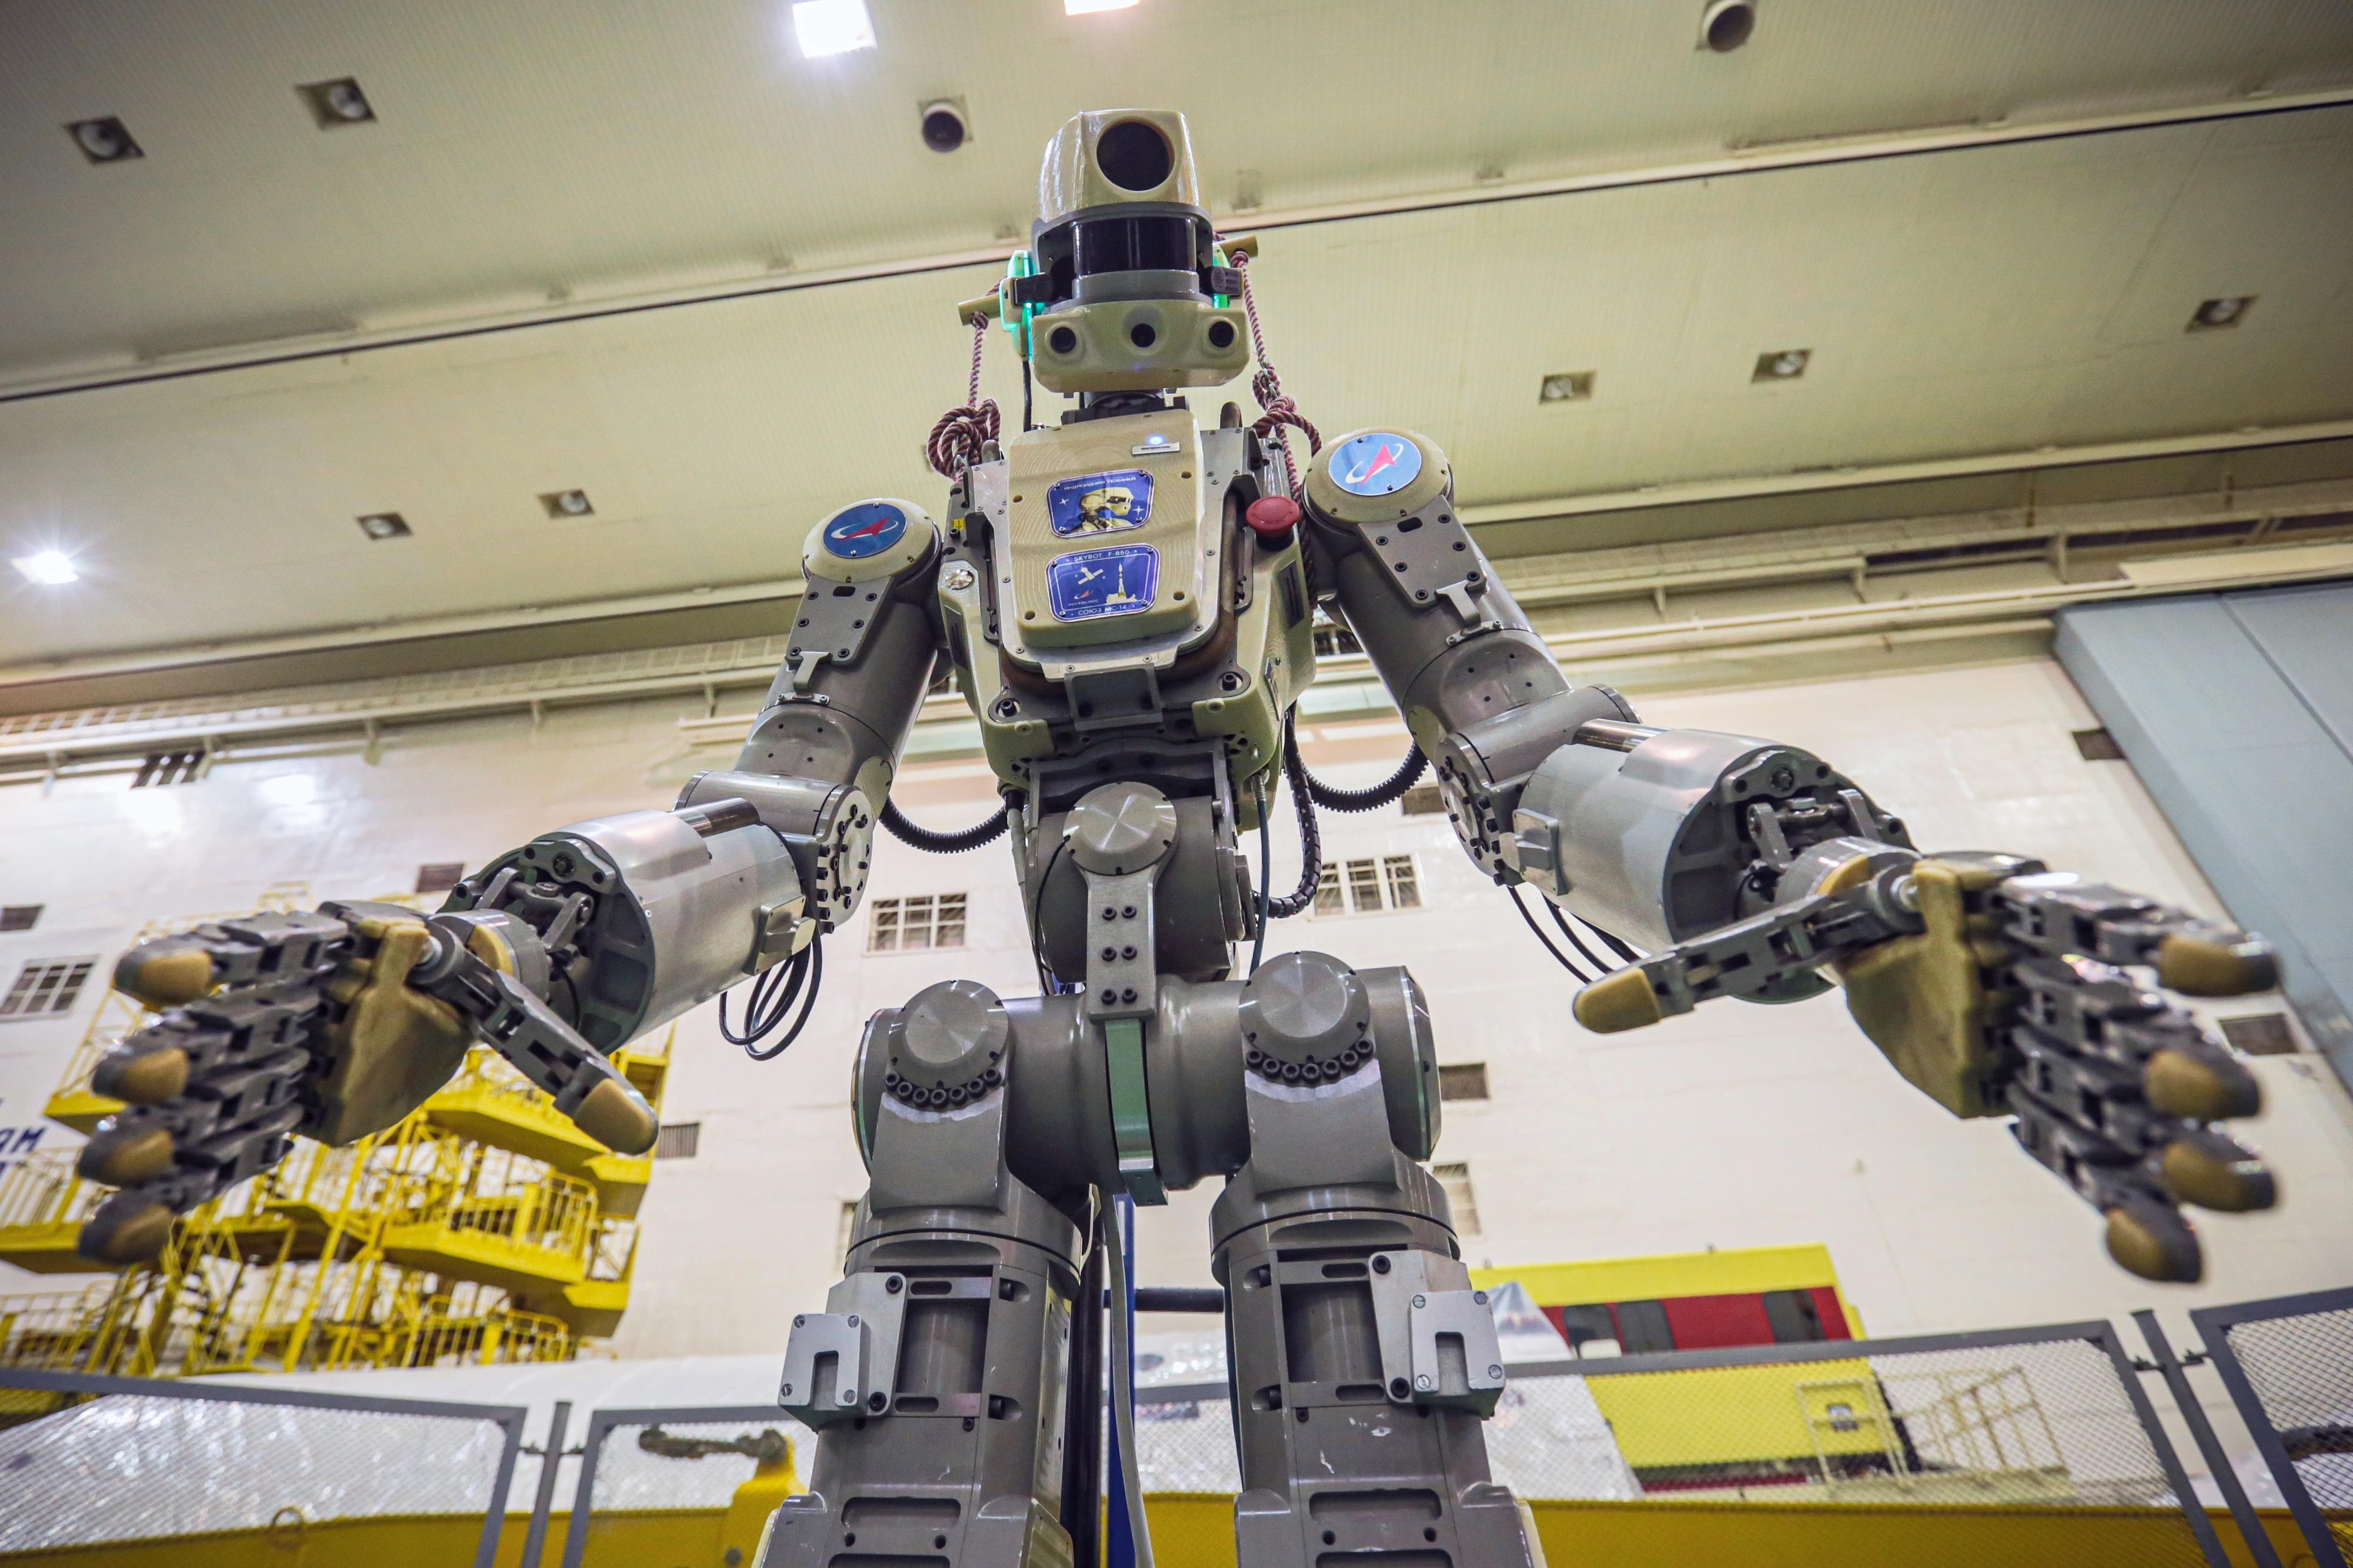 Sonda com primeiro robô humanoide russo a bordo falha acoplagem em estação espacial